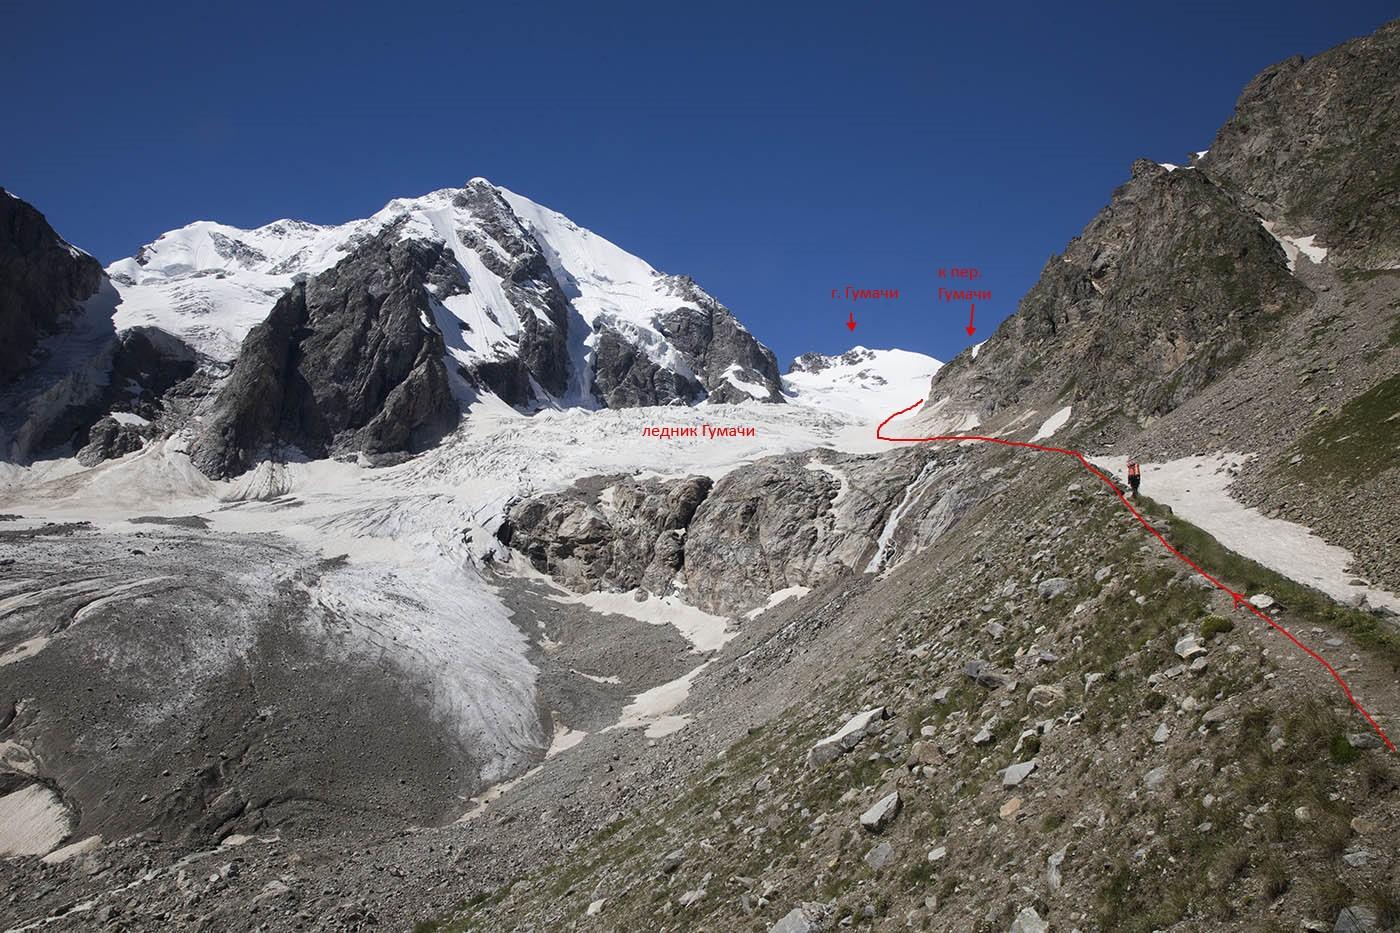 фото_103_день_11_путь подъема к леднику.jpg